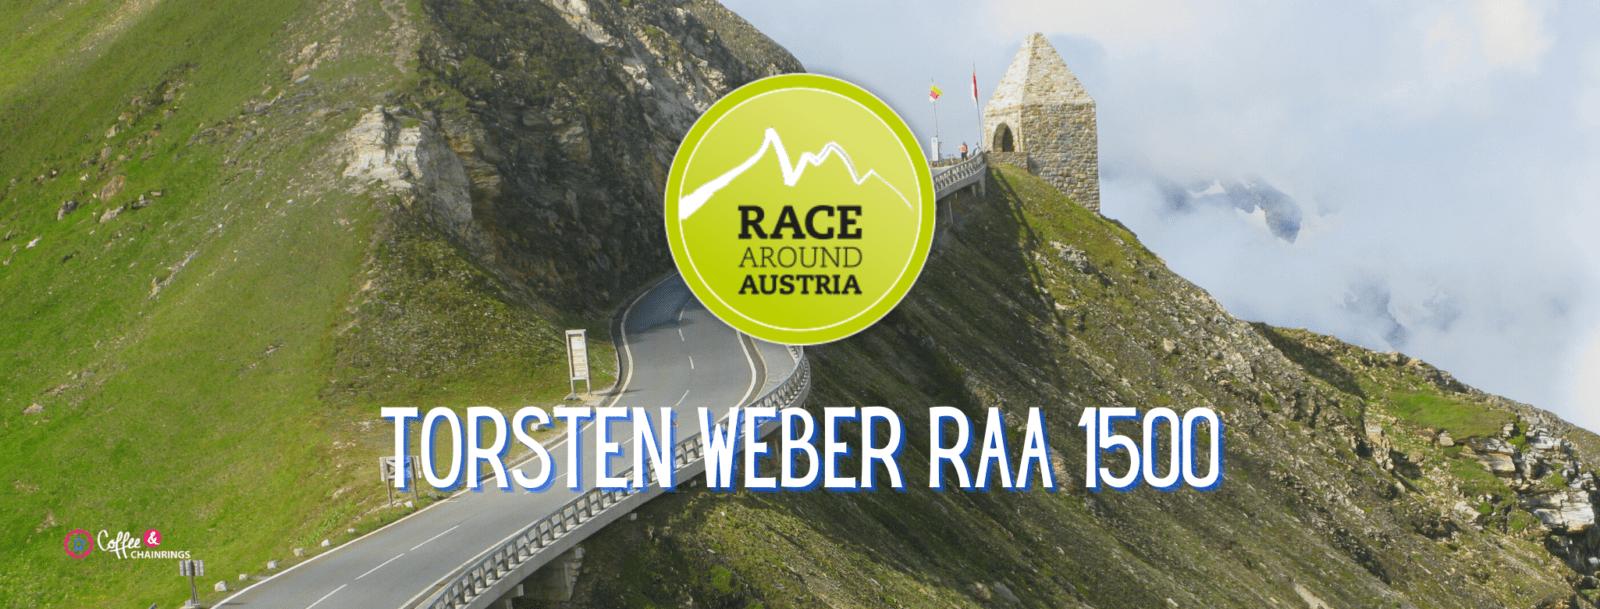 Torsten Weber RAA 1500